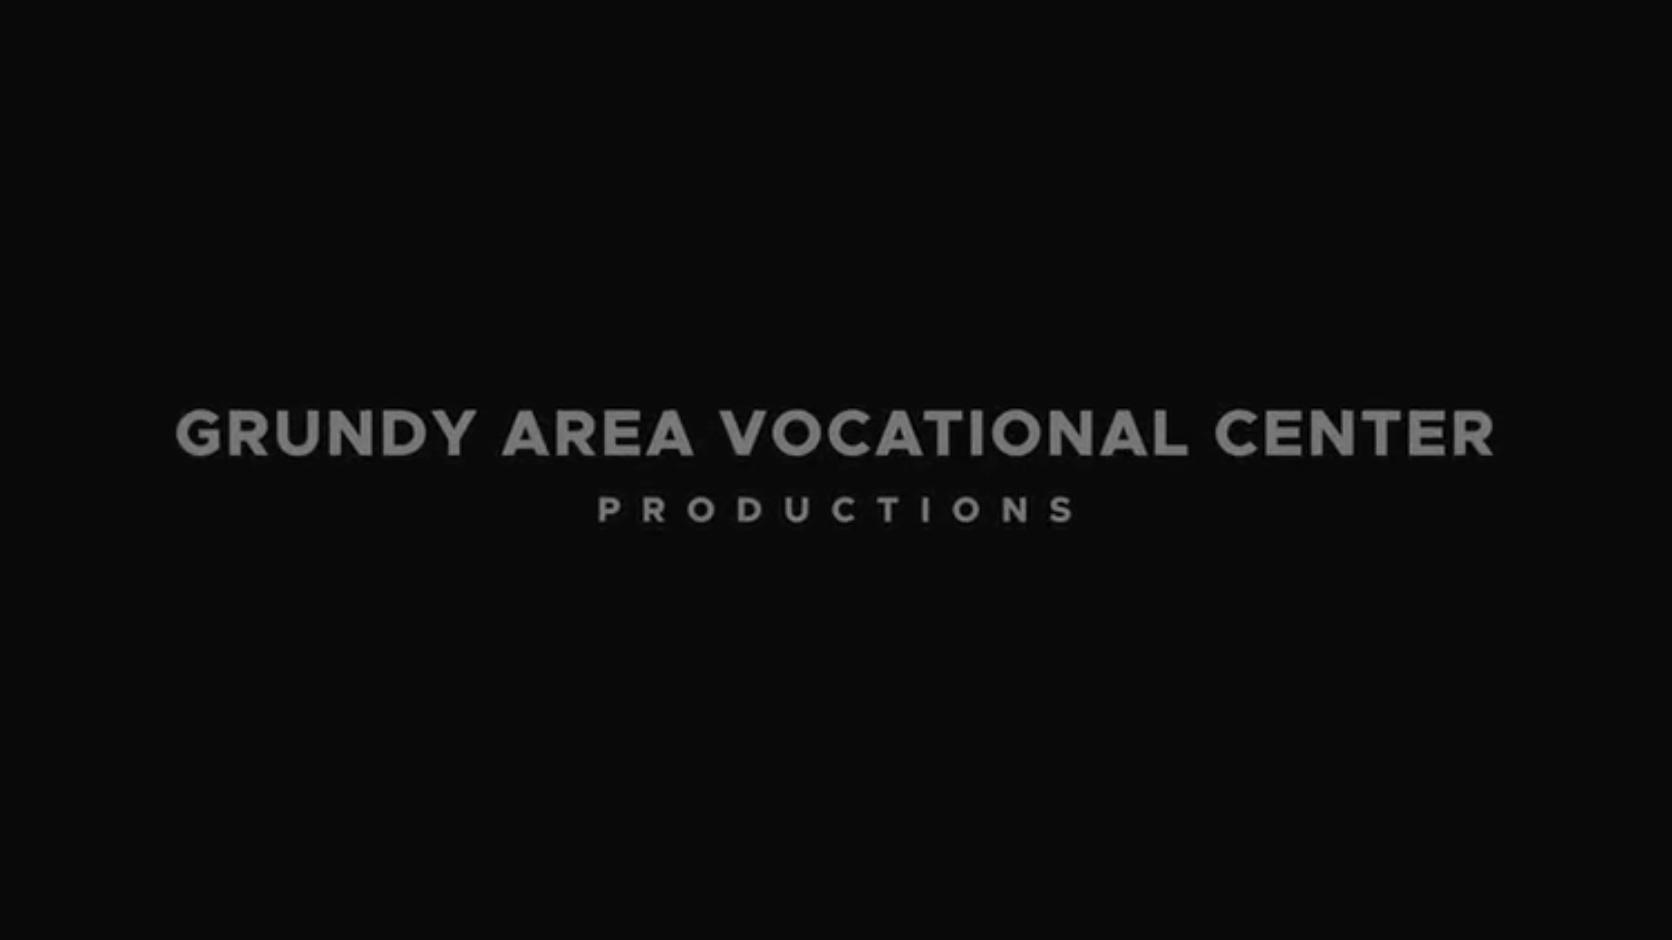 Grundy Area Vocational Center